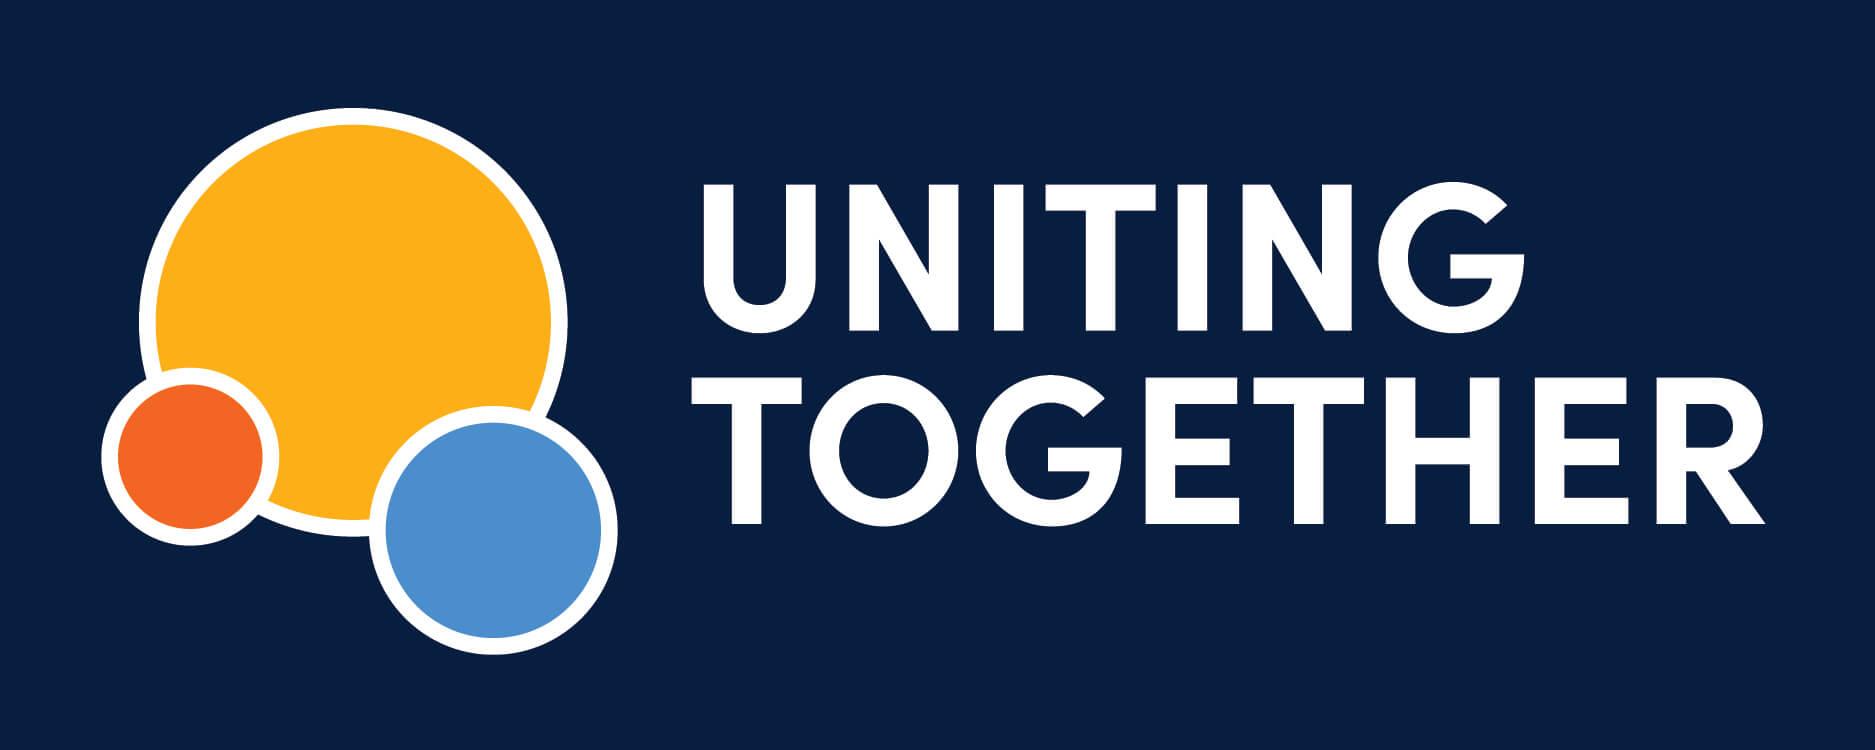 Unir nos efforts